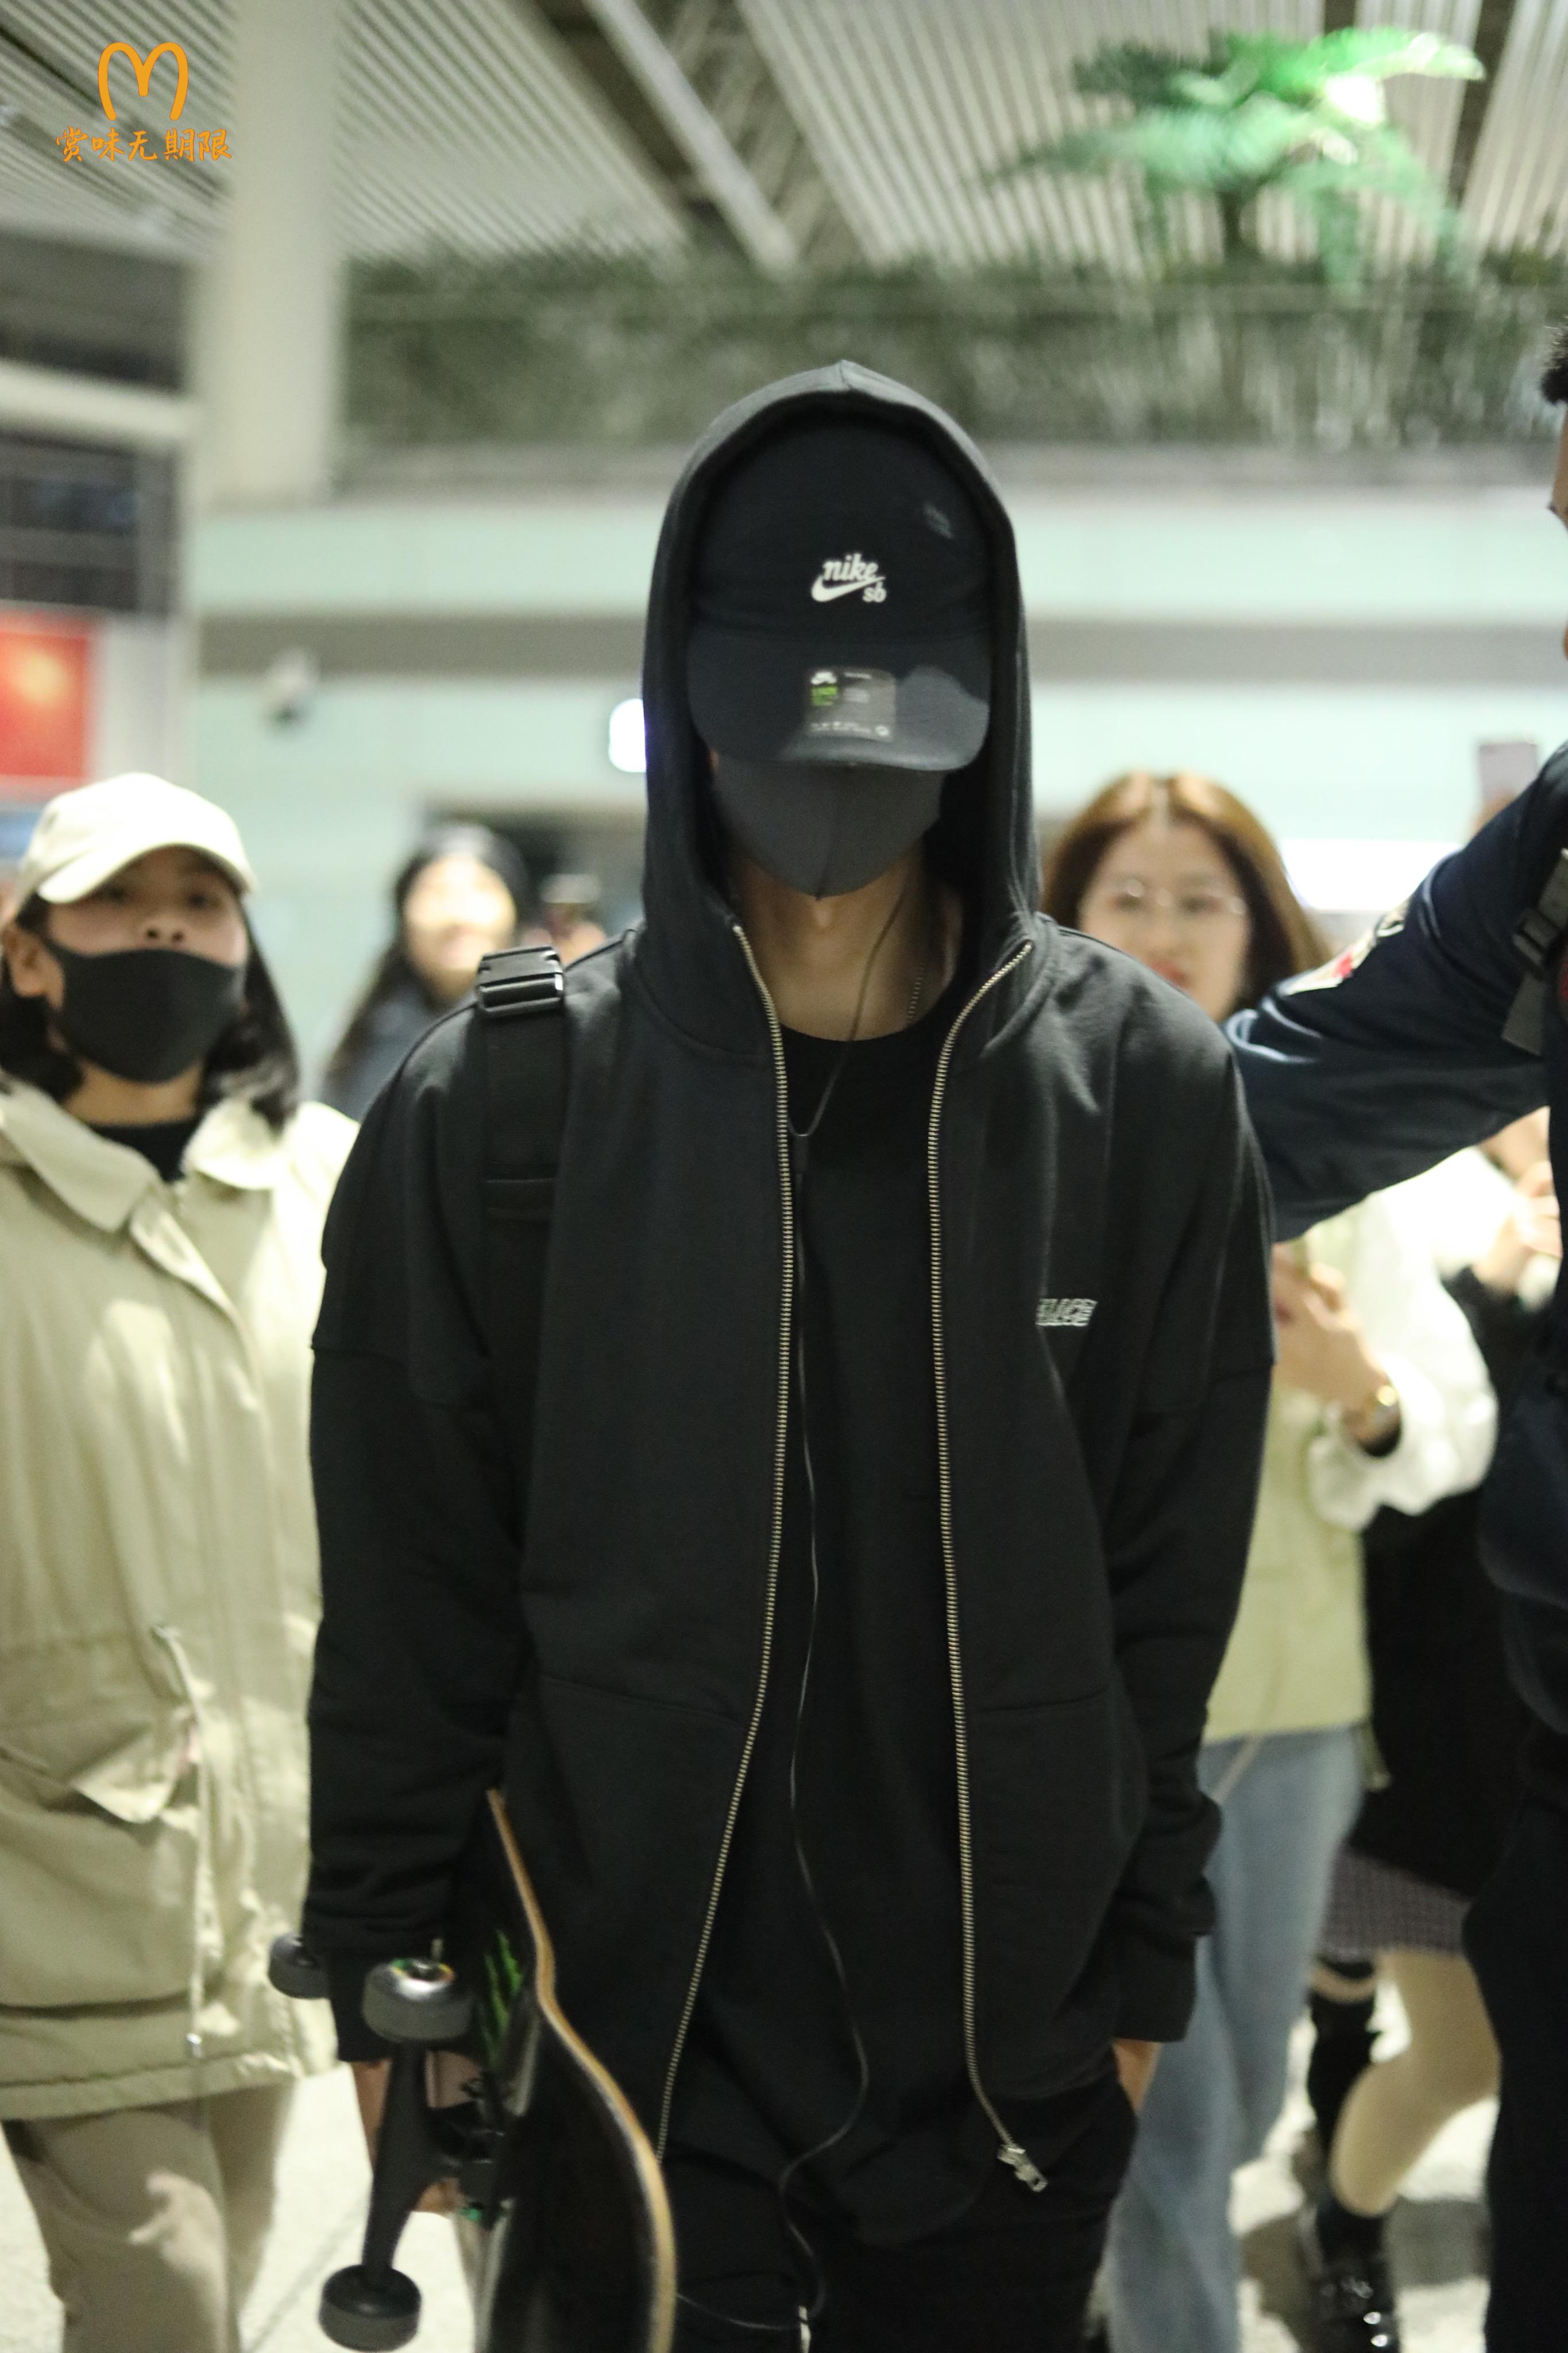 王一博 王一博长沙出发飞往杭州 深夜飞行凌晨抵达还要转车前往横店